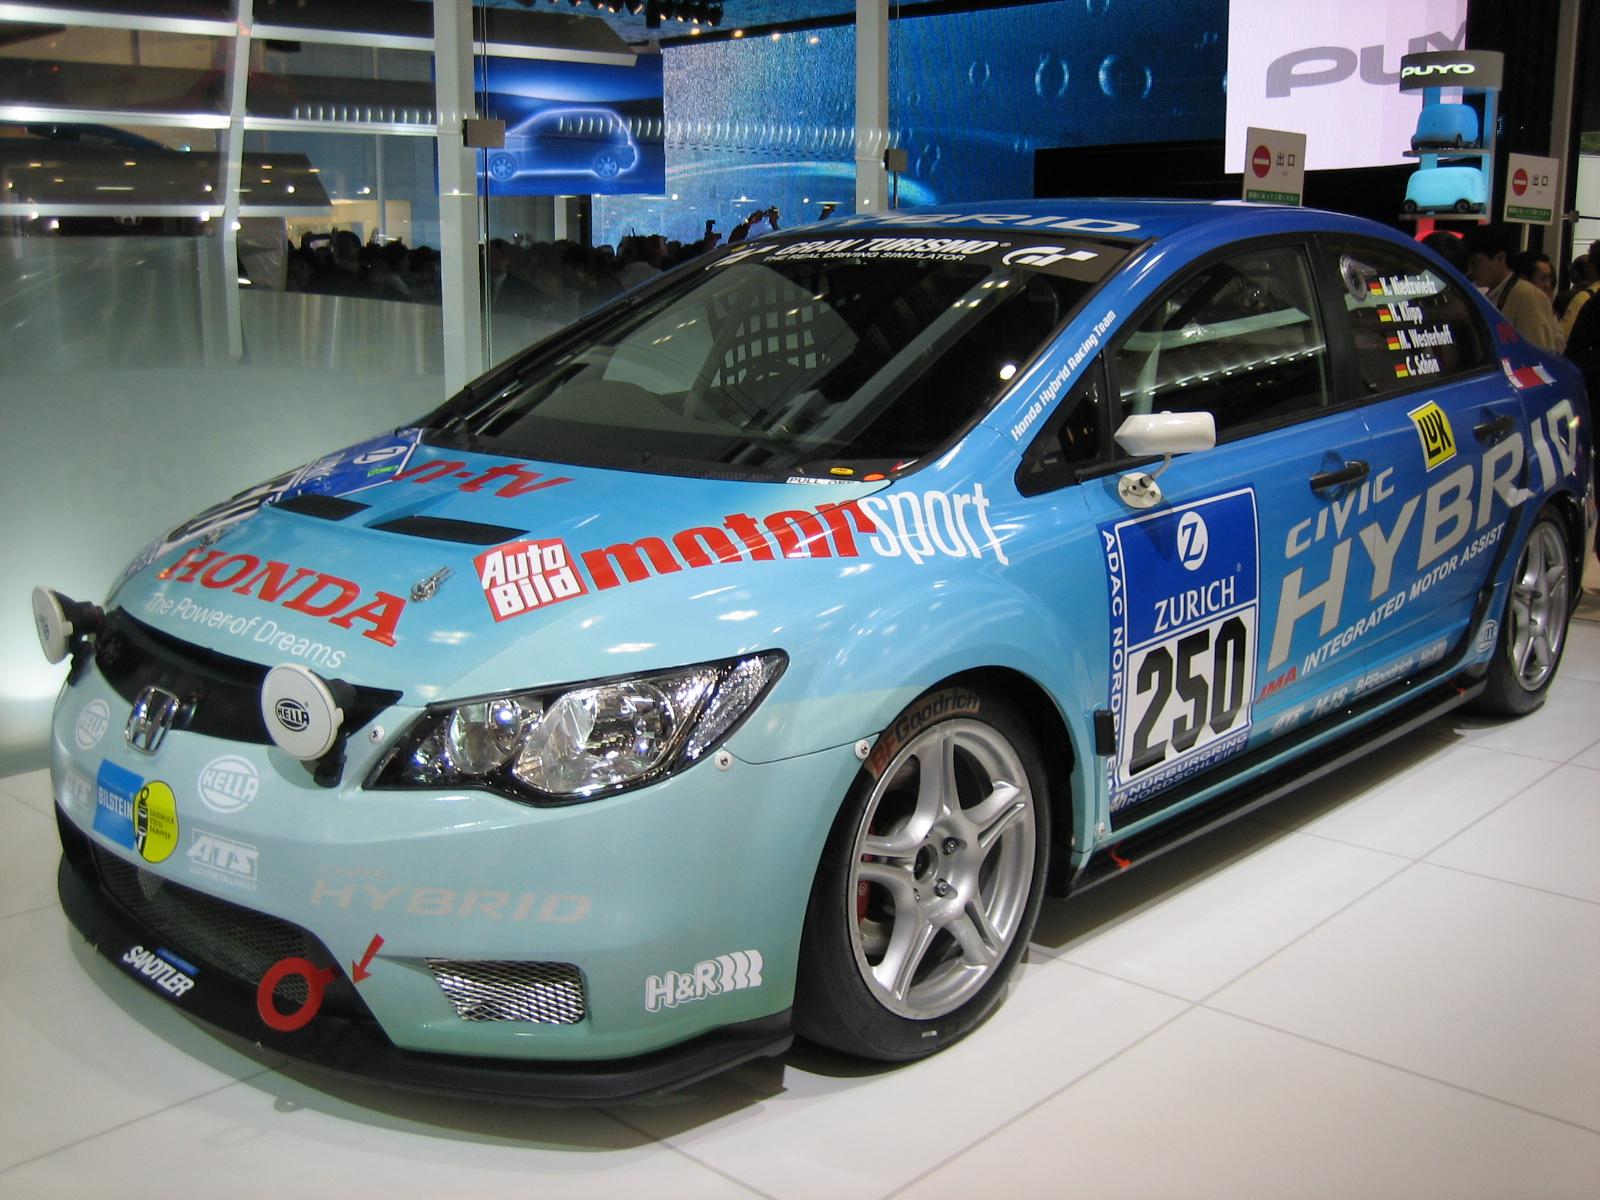 File:Honda Civic Hybrid Racecar.JPG